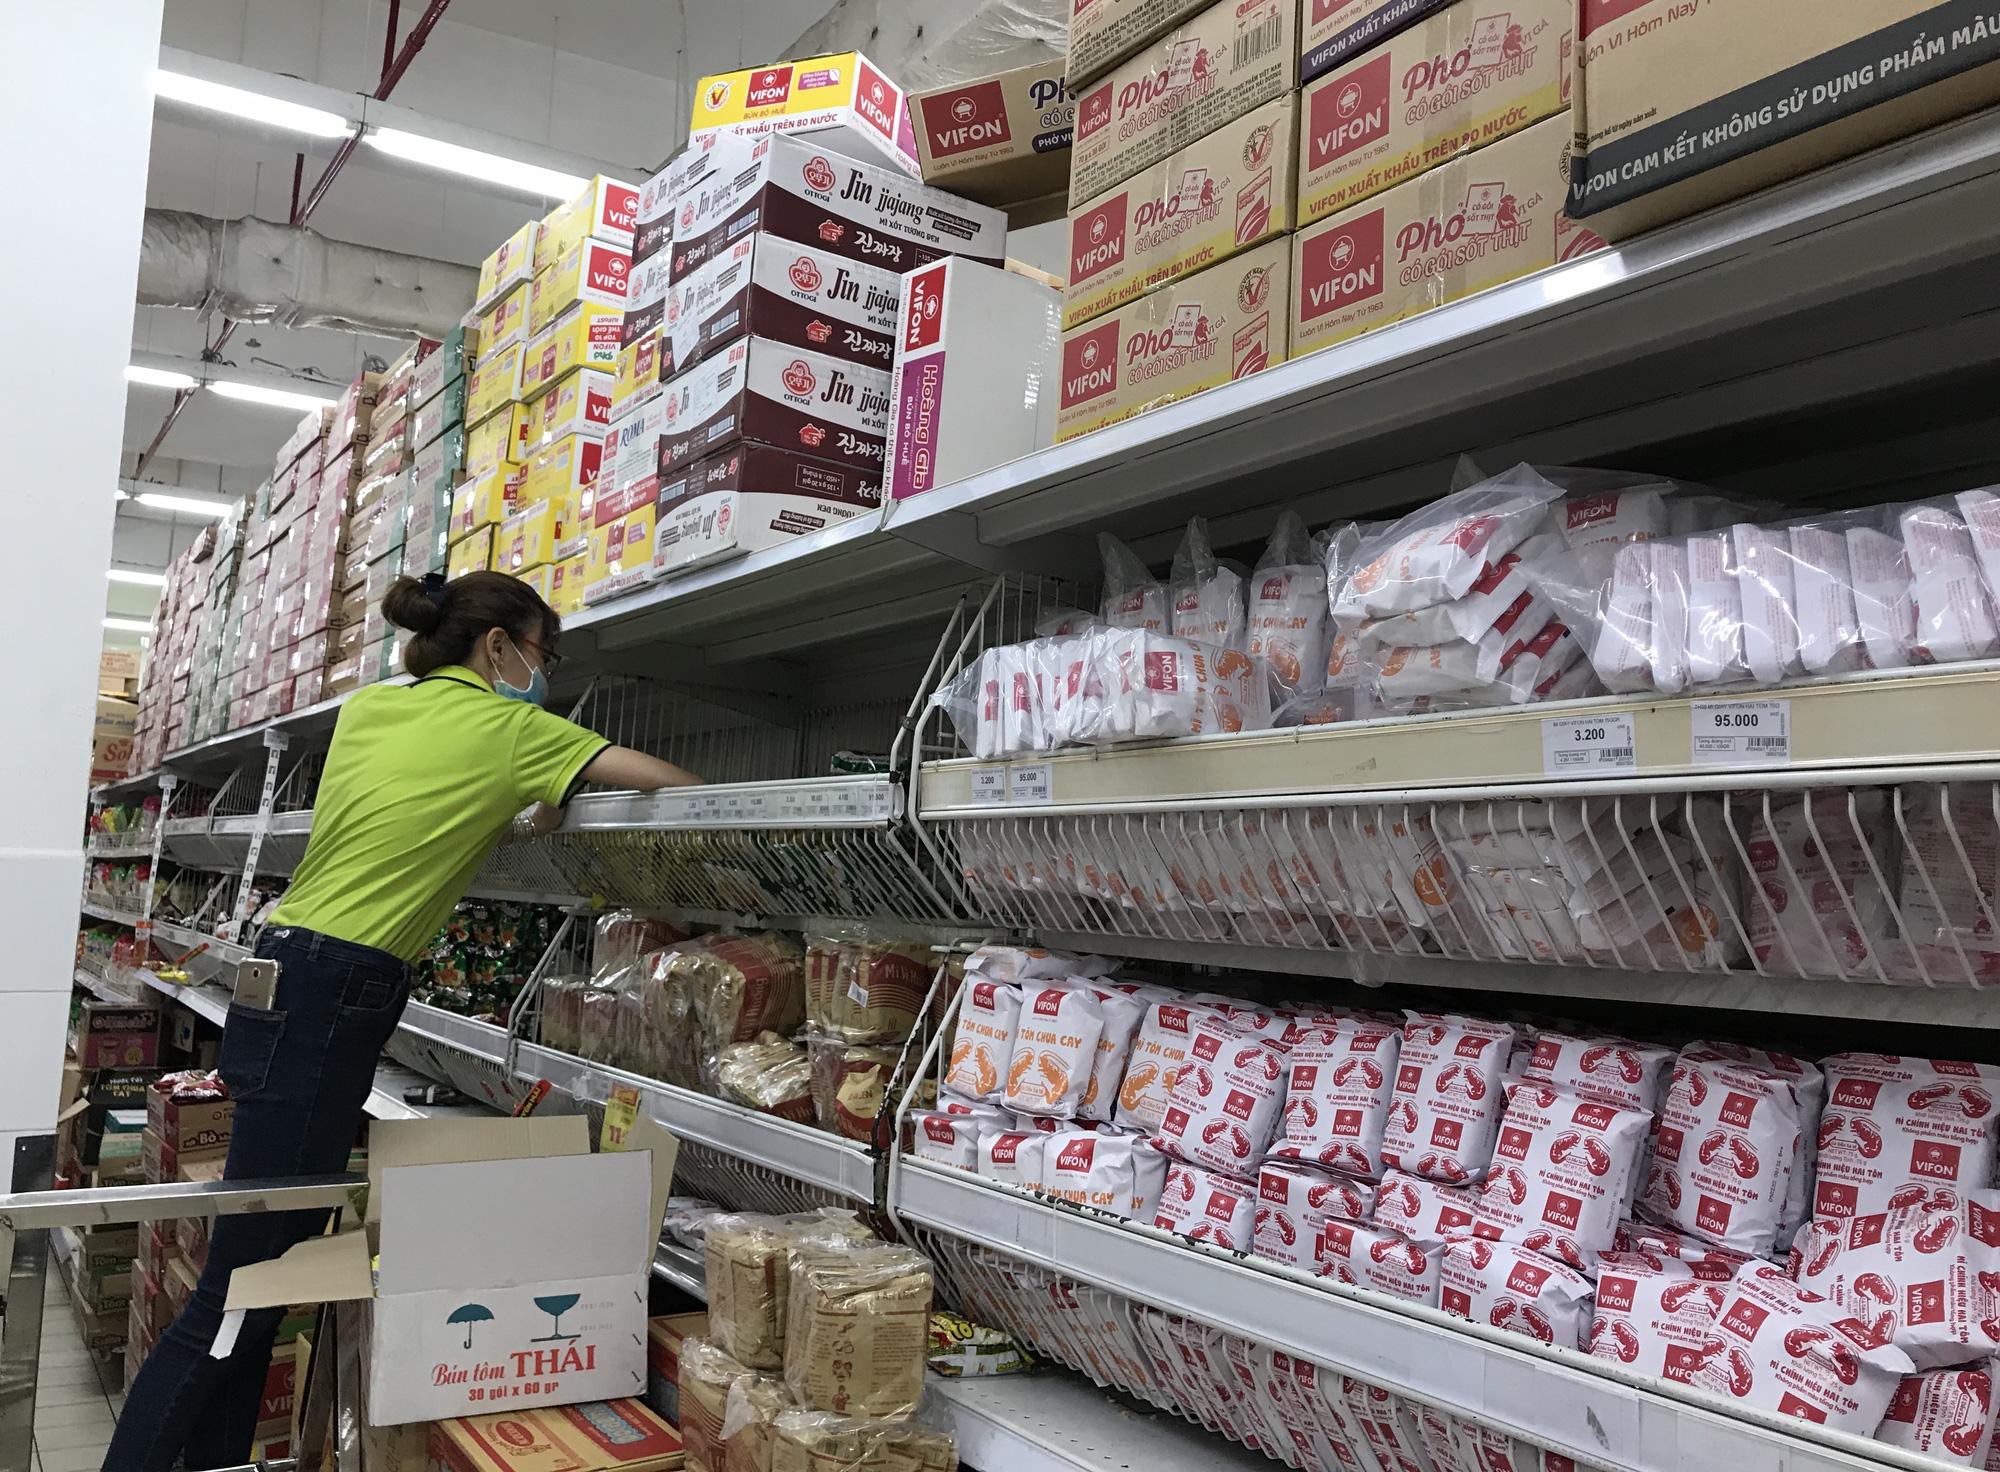 Người Sài Gòn không gom hàng tích trữ, thực phẩm, gạo, mì tôm… đầy ắp, siêu thị còn giảm giá mạnh - Ảnh 8.